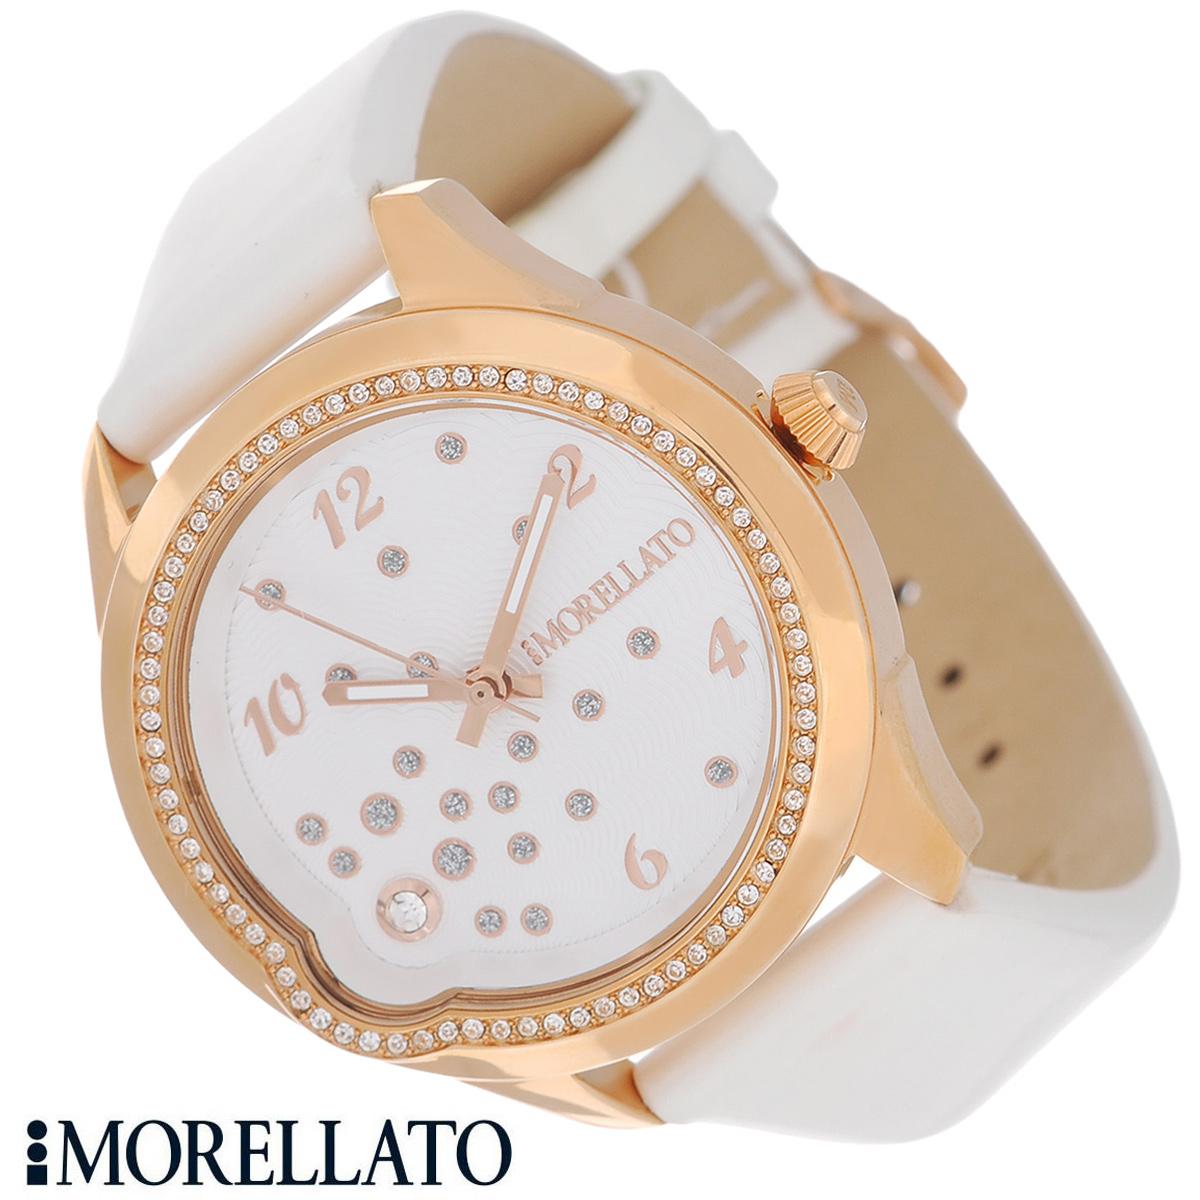 Часы женские наручные Morellato, цвет: белый, розовое золото. R0151111502R0151111502Наручные женские часы Morellato оснащены кварцевым механизмом. Корпус выполнен из высококачественной нержавеющей стали с PVD-покрытием и по контуру циферблата инкрустирован кристаллами. Циферблат с арабскими цифрами украшен кристаллами и защищен минеральным стеклом. Часы имеют три стрелки - часовую, минутную и секундную. Ремешок часов выполнен из натуральной кожи и оснащен классической застежкой. Часы укомплектованы паспортом с подробной инструкцией. Часы Morellato отличаются уникальным, но в то же время простым и лаконичным стилем. Характеристики: Диаметр циферблата: 2,9 см. Размер корпуса: 3,7 см х 4 см х 0,9 см. Длина ремешка (с корпусом): 21,5 см. Ширина ремешка: 1,6 см.